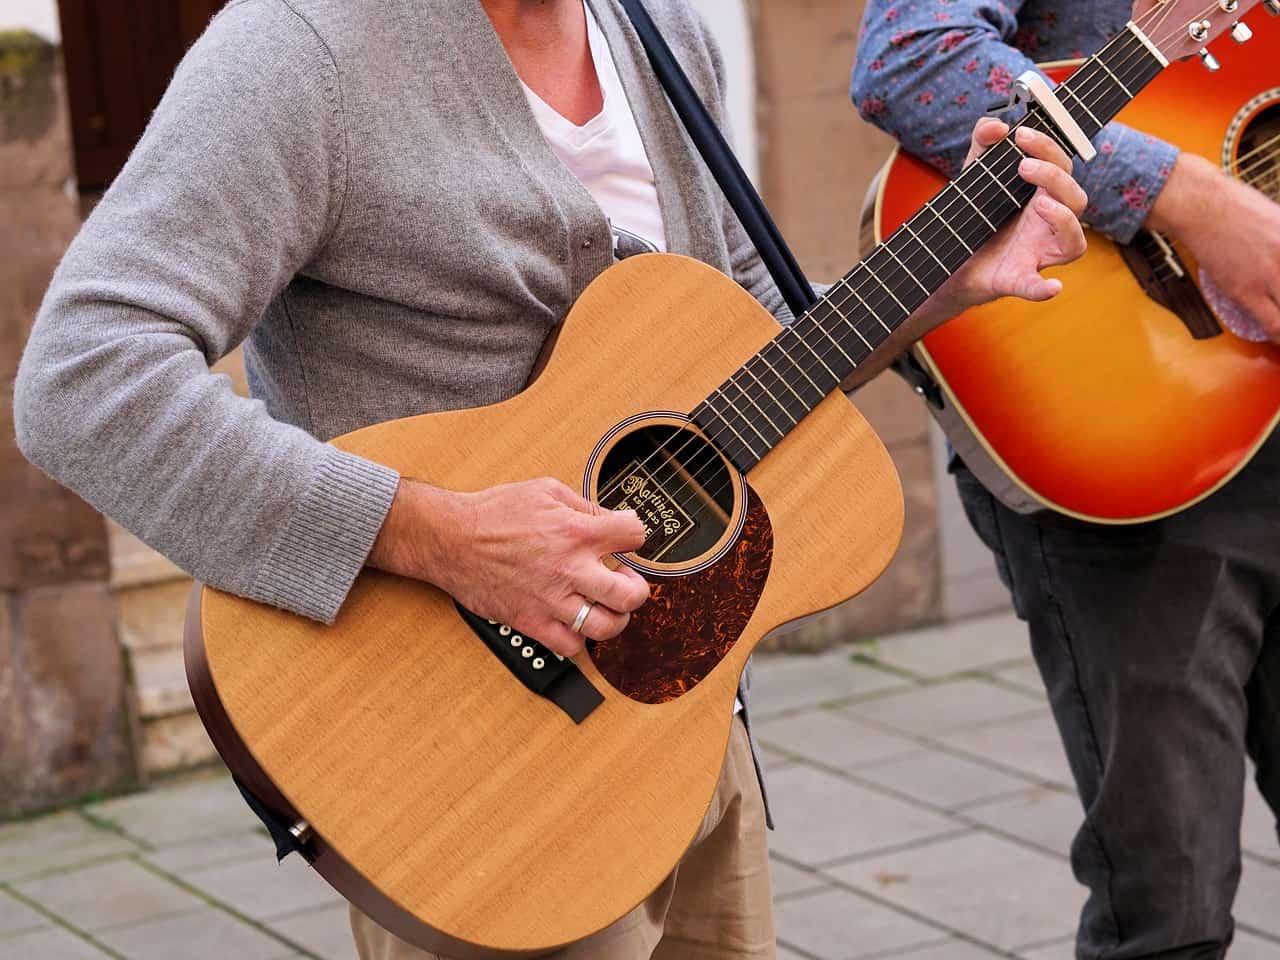 Um homem tocando um violão com corda de nylon usando capotraste na terceira casa, ao lado dele tem outro homem também tocando violão. Os dois homens estão em uma calçada.